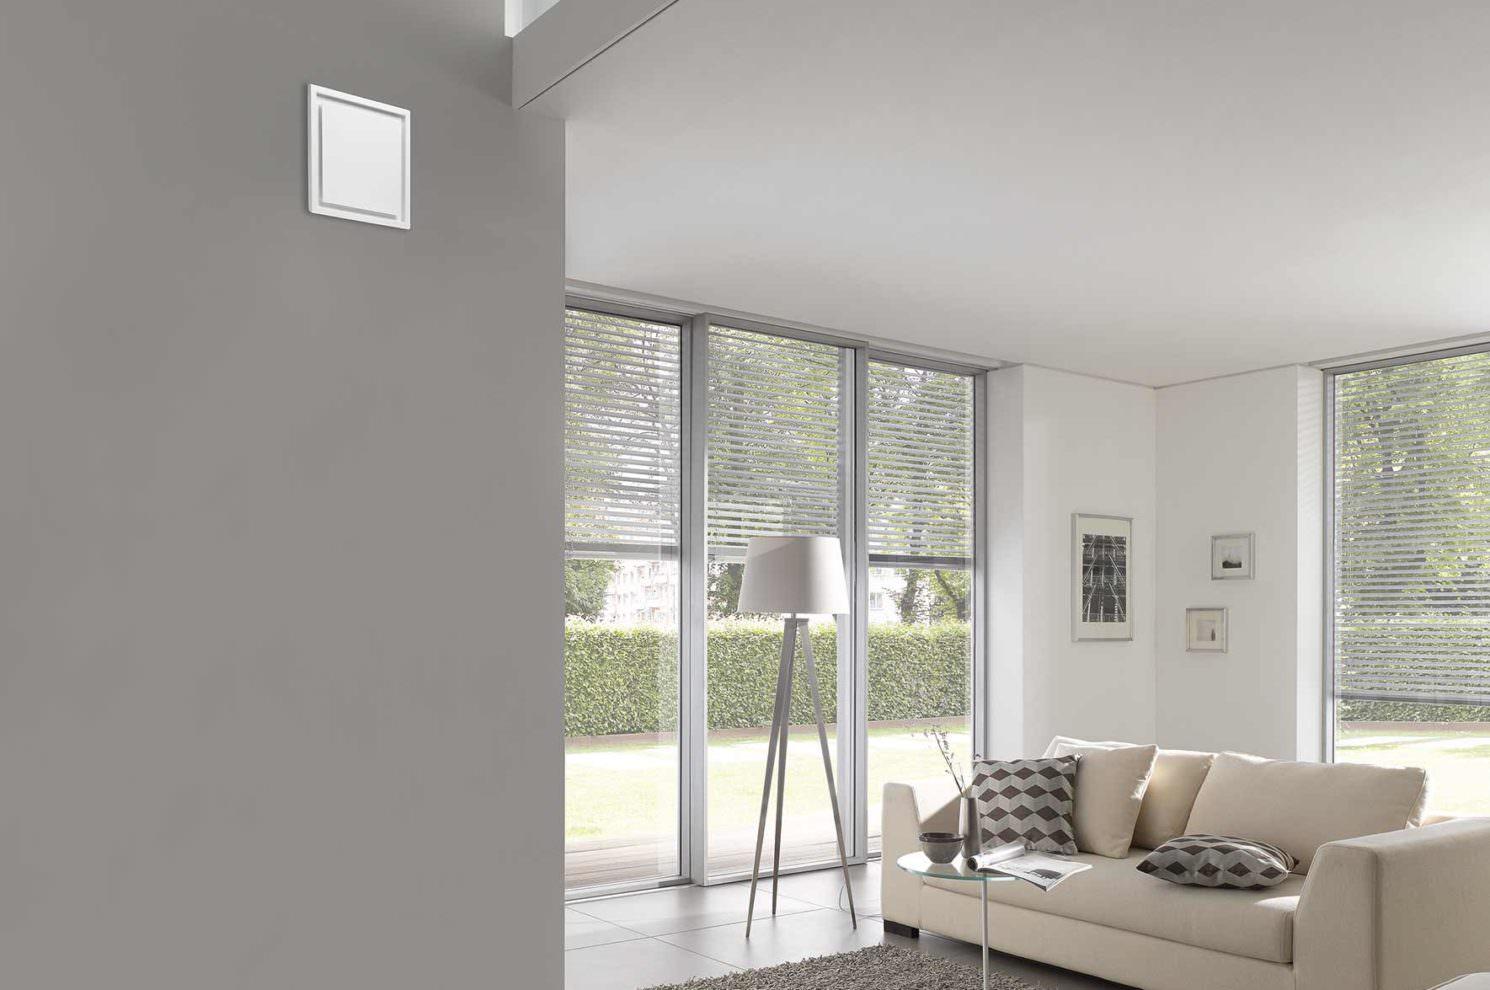 Deckengeräte zur Wohnraumkühlung